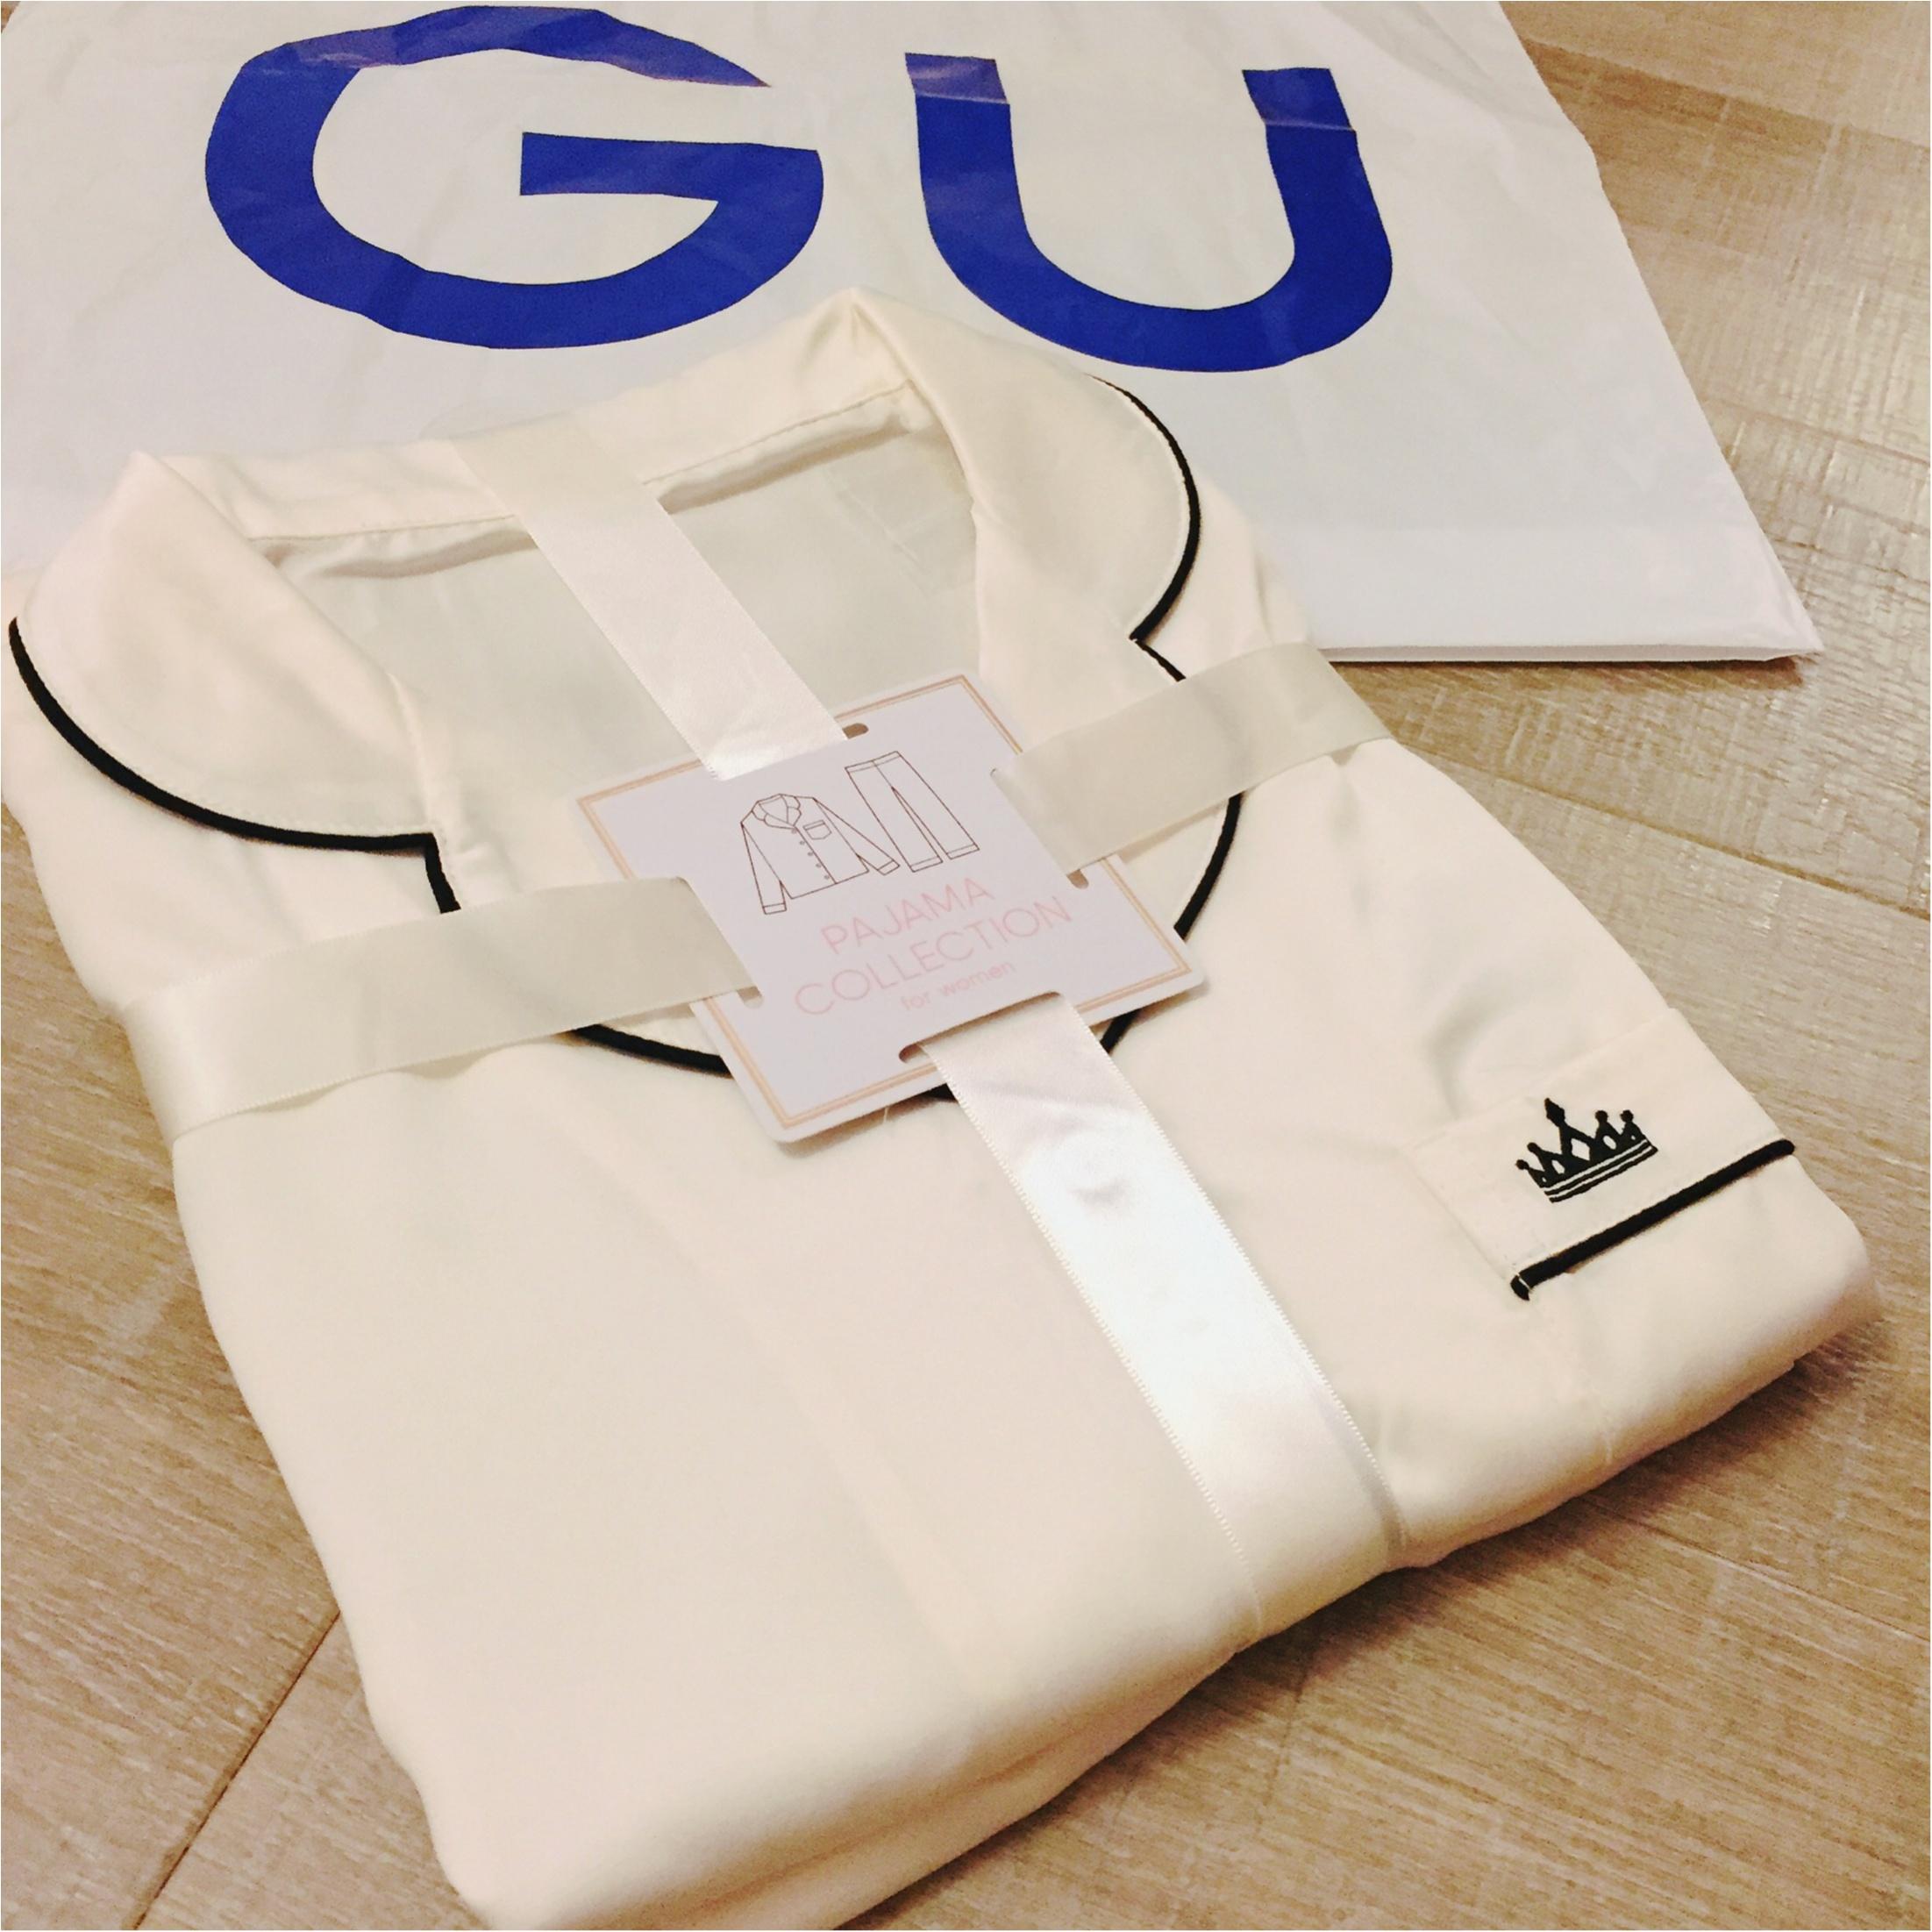 【GUパジャマ】可愛いうえにプチプラ!あなたはどのタイプを選ぶ?GETしたサテンパジャマを着てみました♡_2